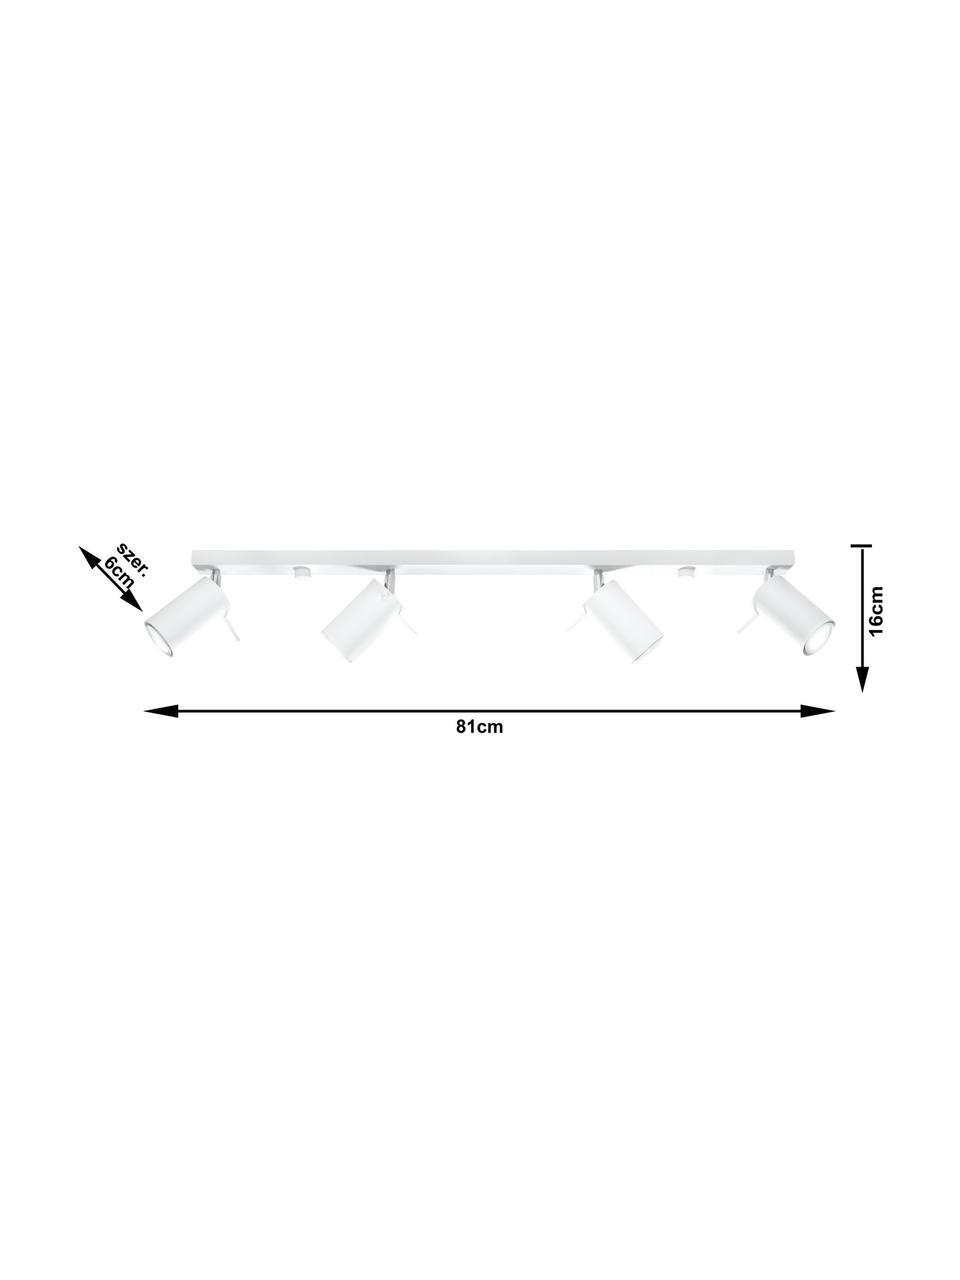 Deckenstrahler Etna in Weiß, Baldachin: Stahl, lackiert, Weiß, 81 x 16 cm